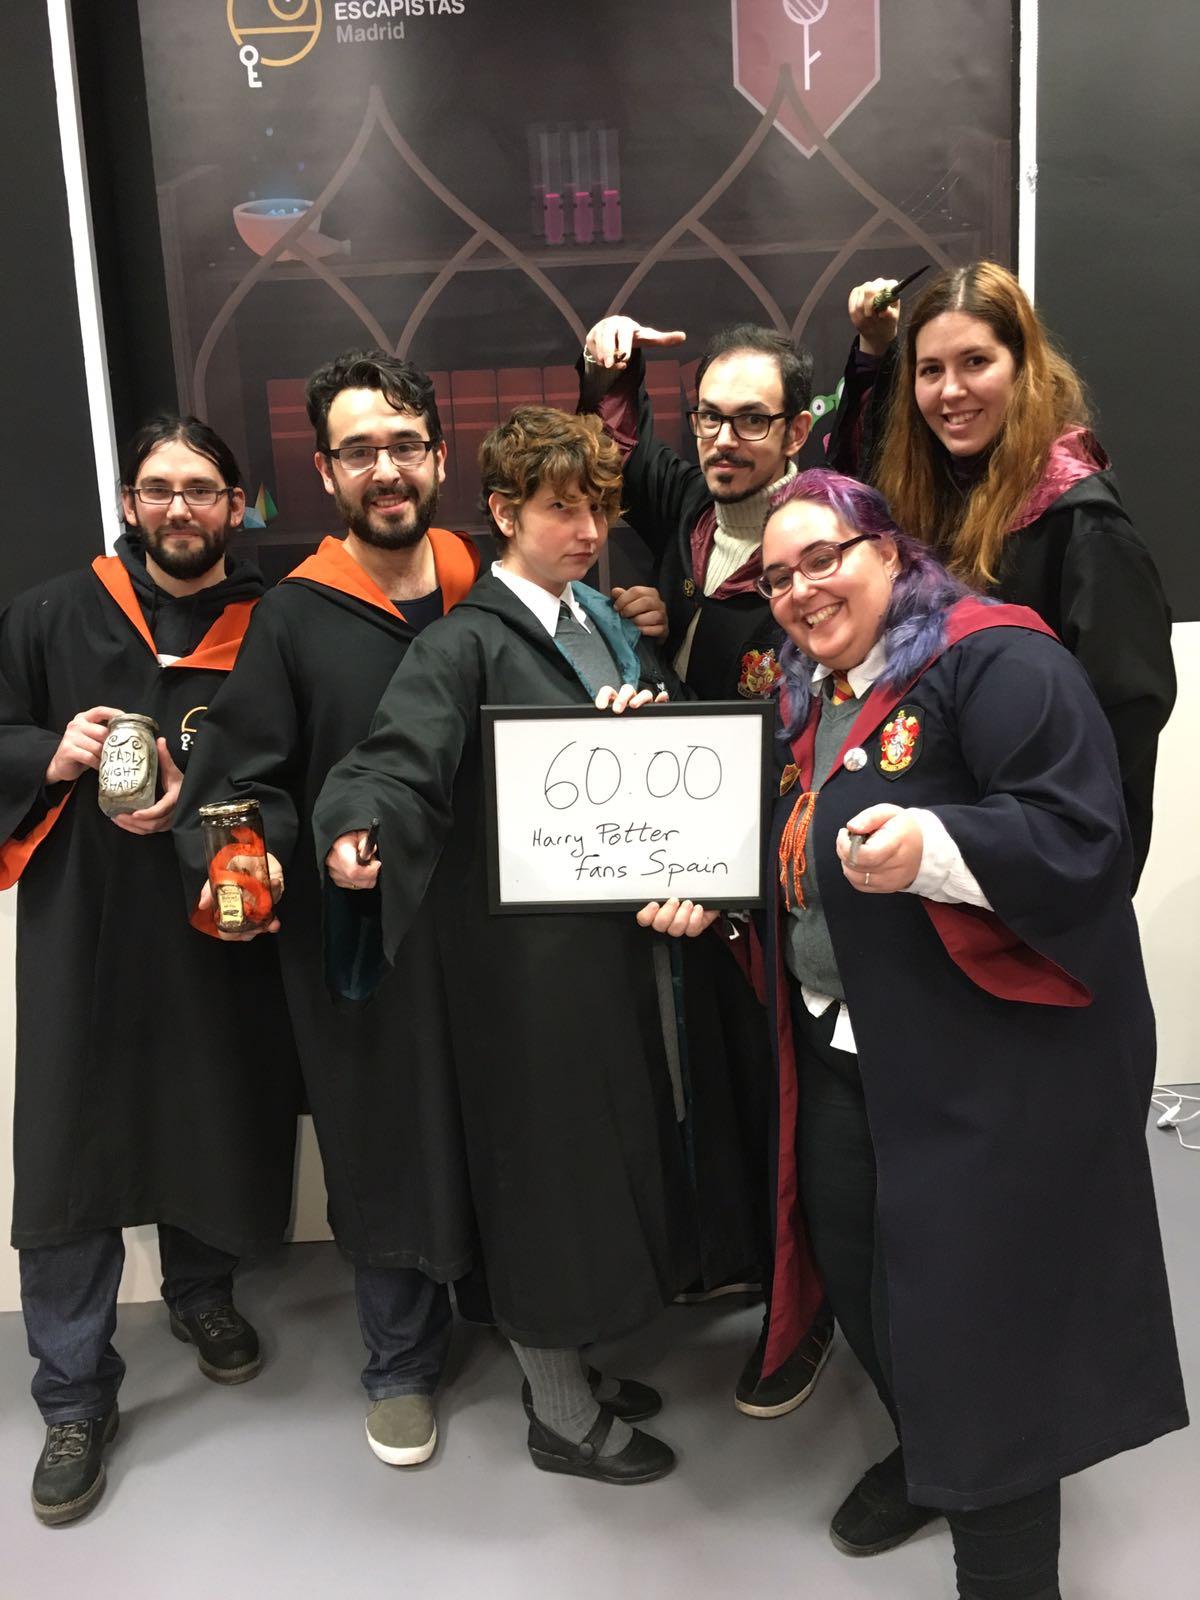 Escape Room Los Escapistas Harry Potter Madrid